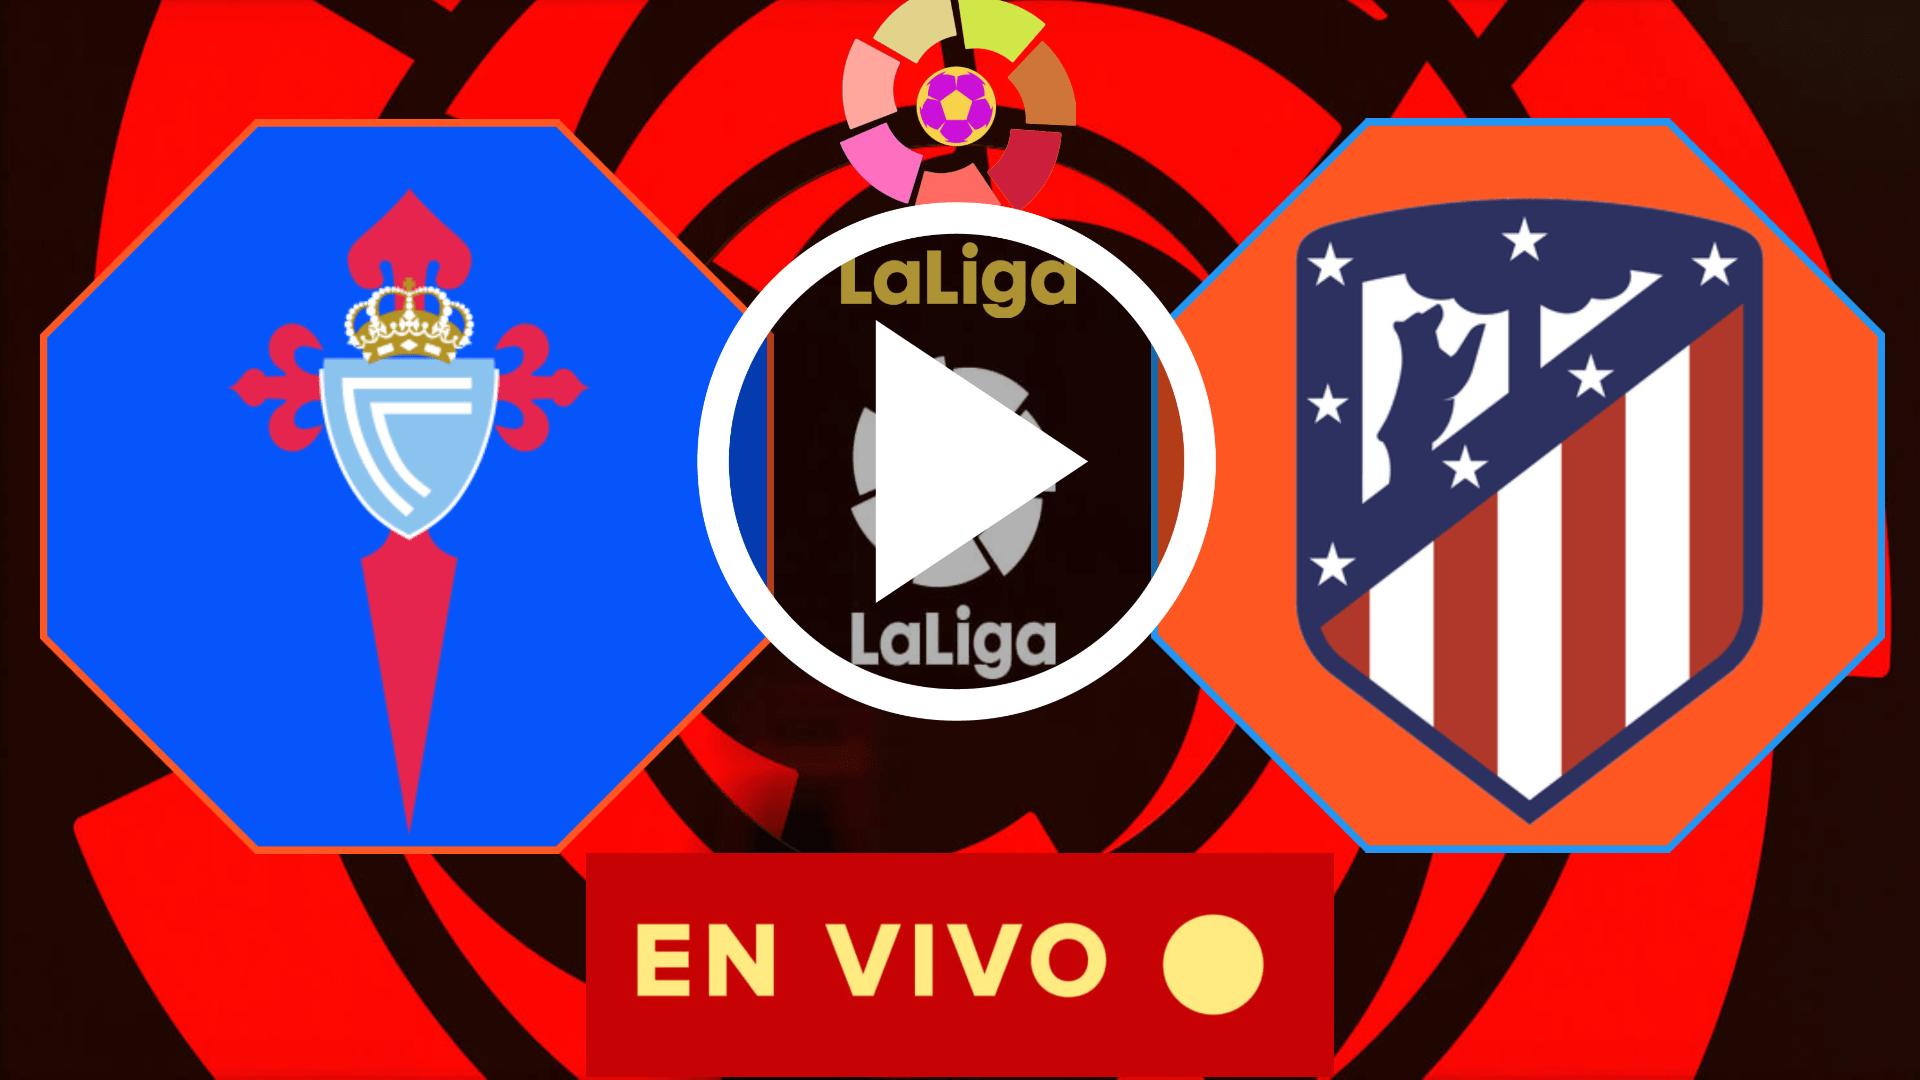 EN CORTO MIRAR CELTA DE VIGO VS ATLETICO DE MADRID